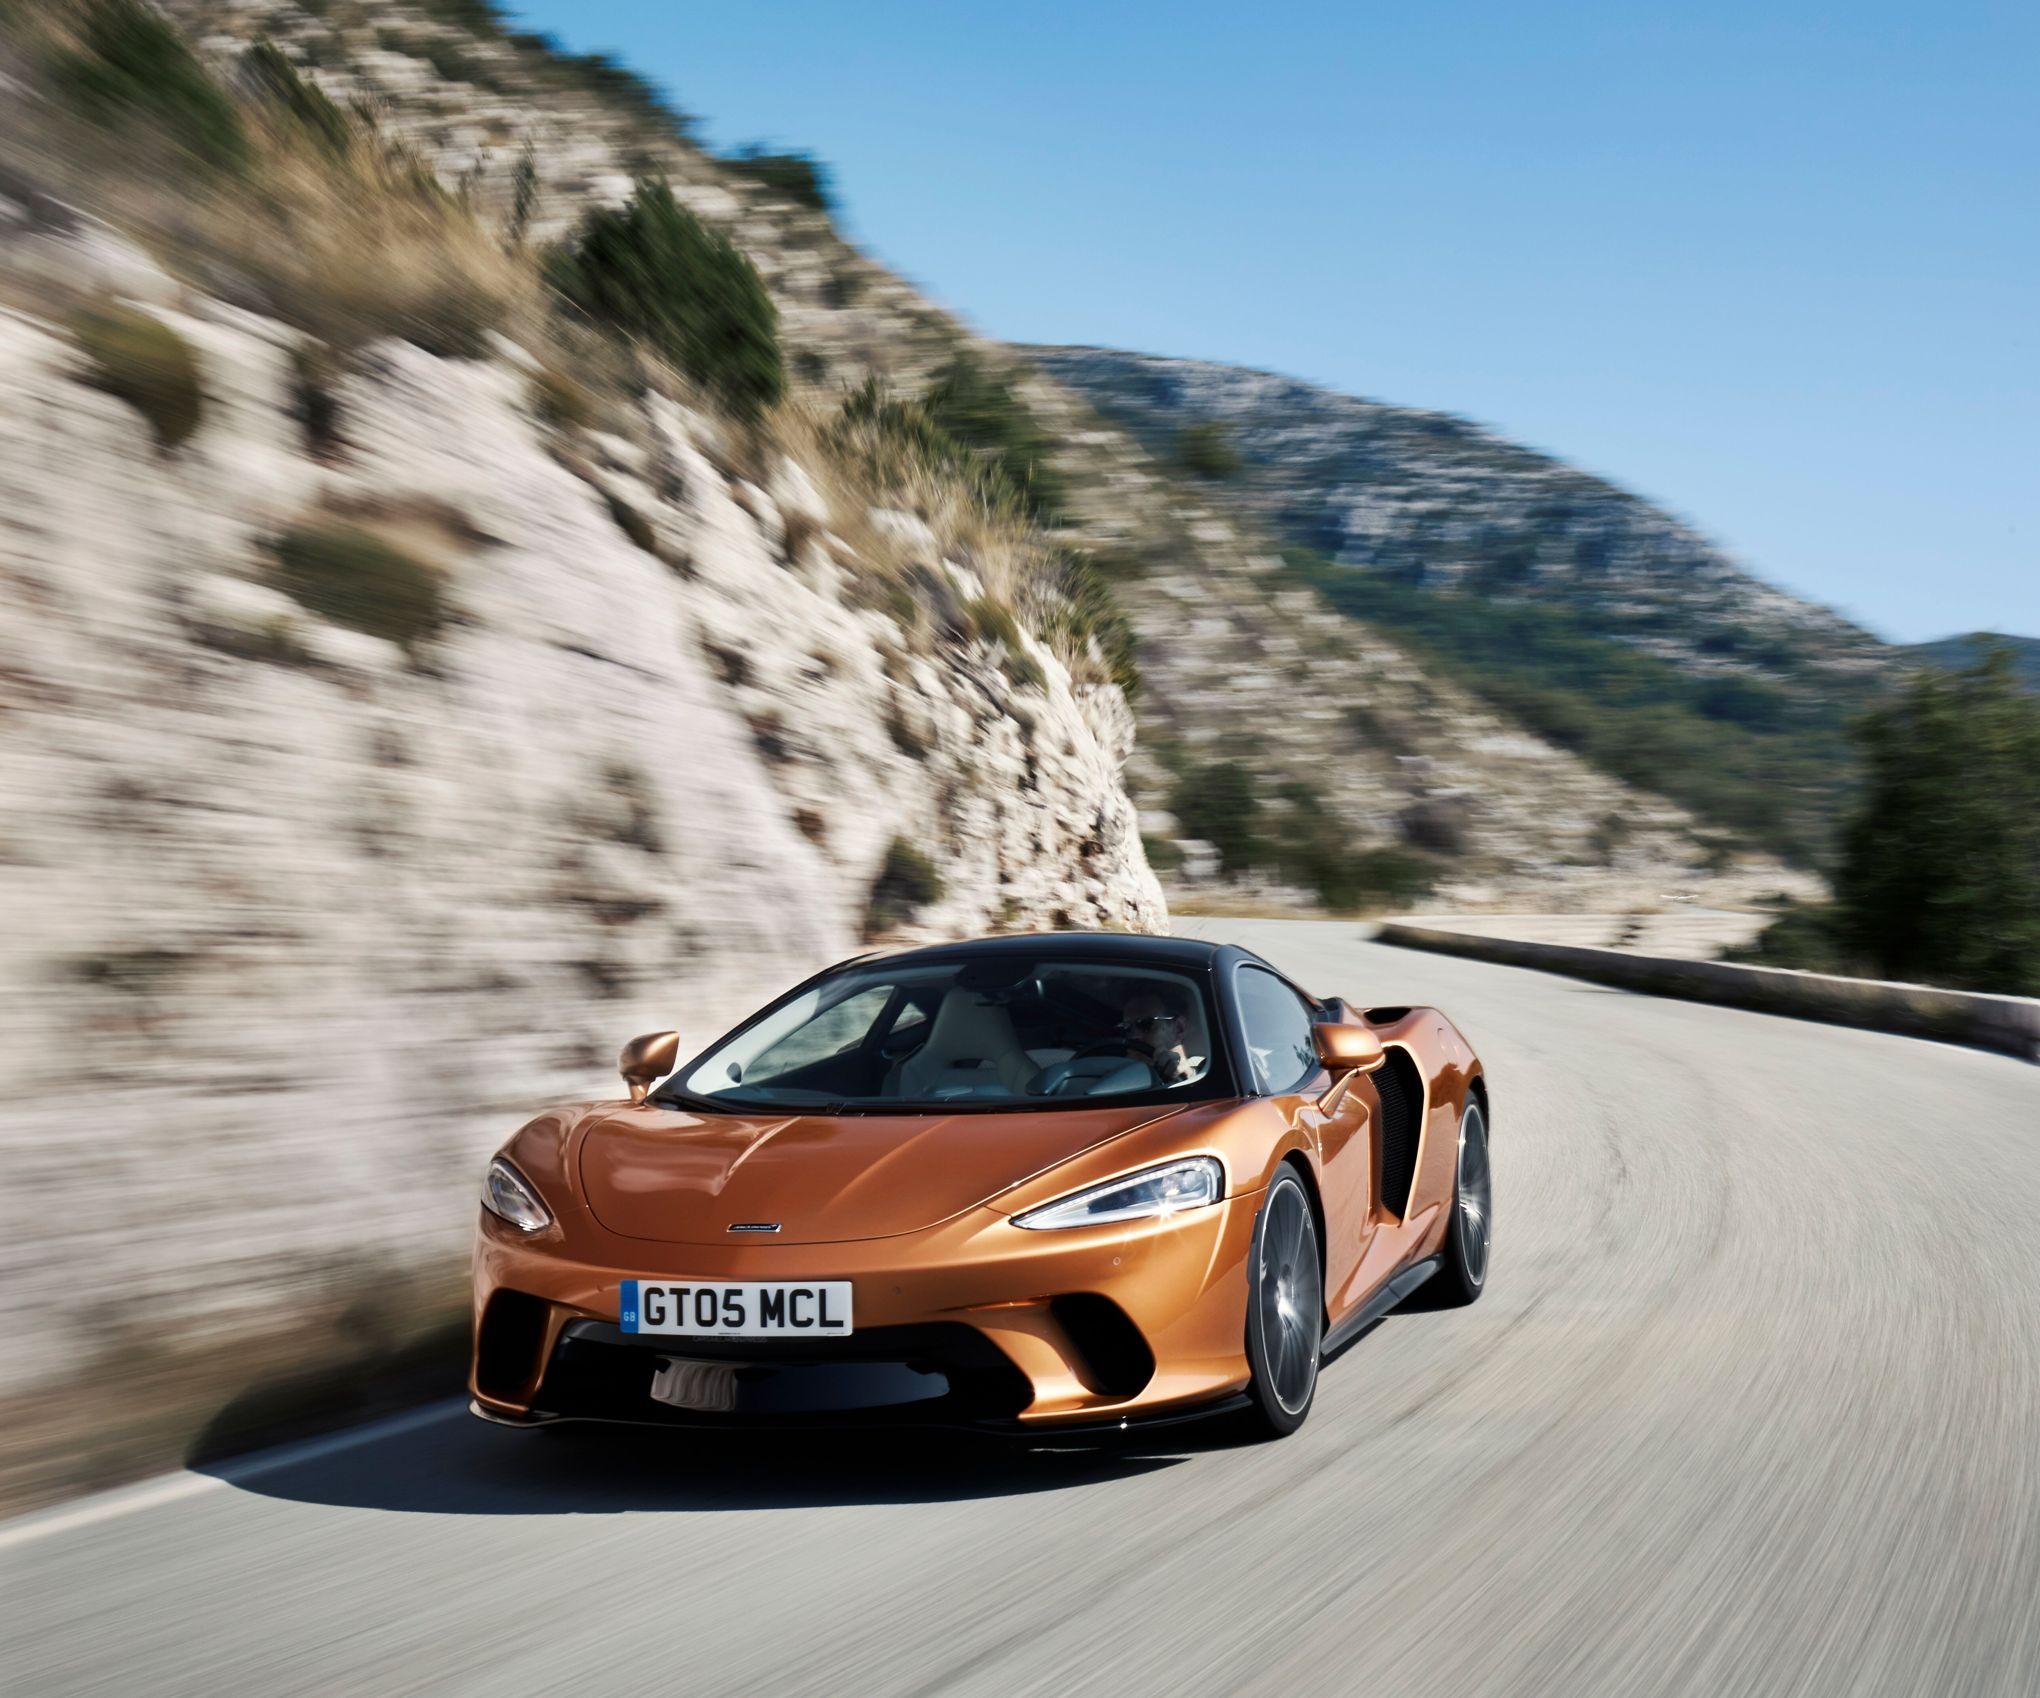 McLaren GT, changement de registre